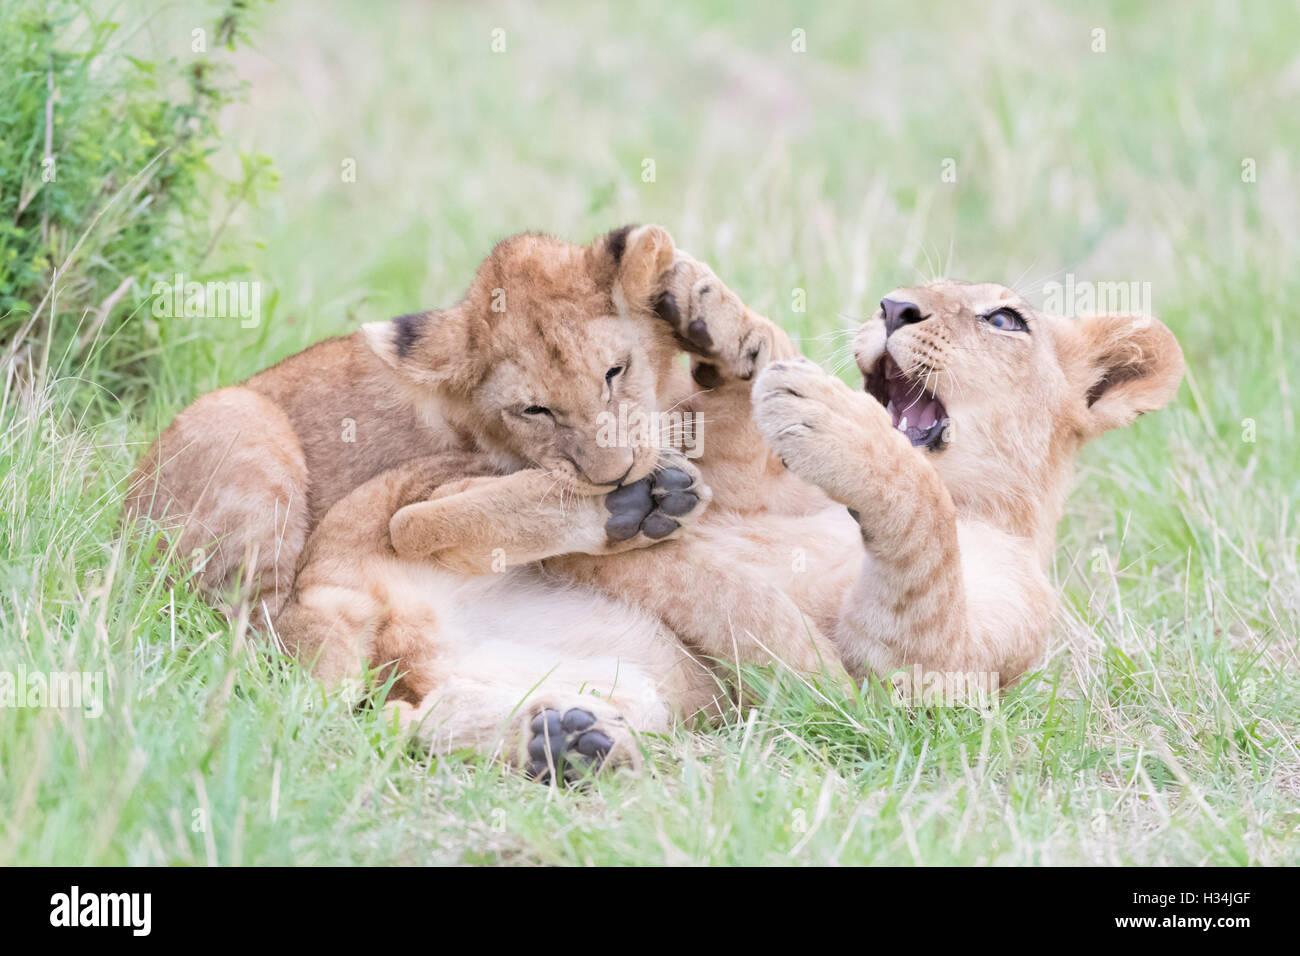 Young lion cubs (Panthera leo) playing together, Maasai Mara national reserve, Kenya - Stock Image